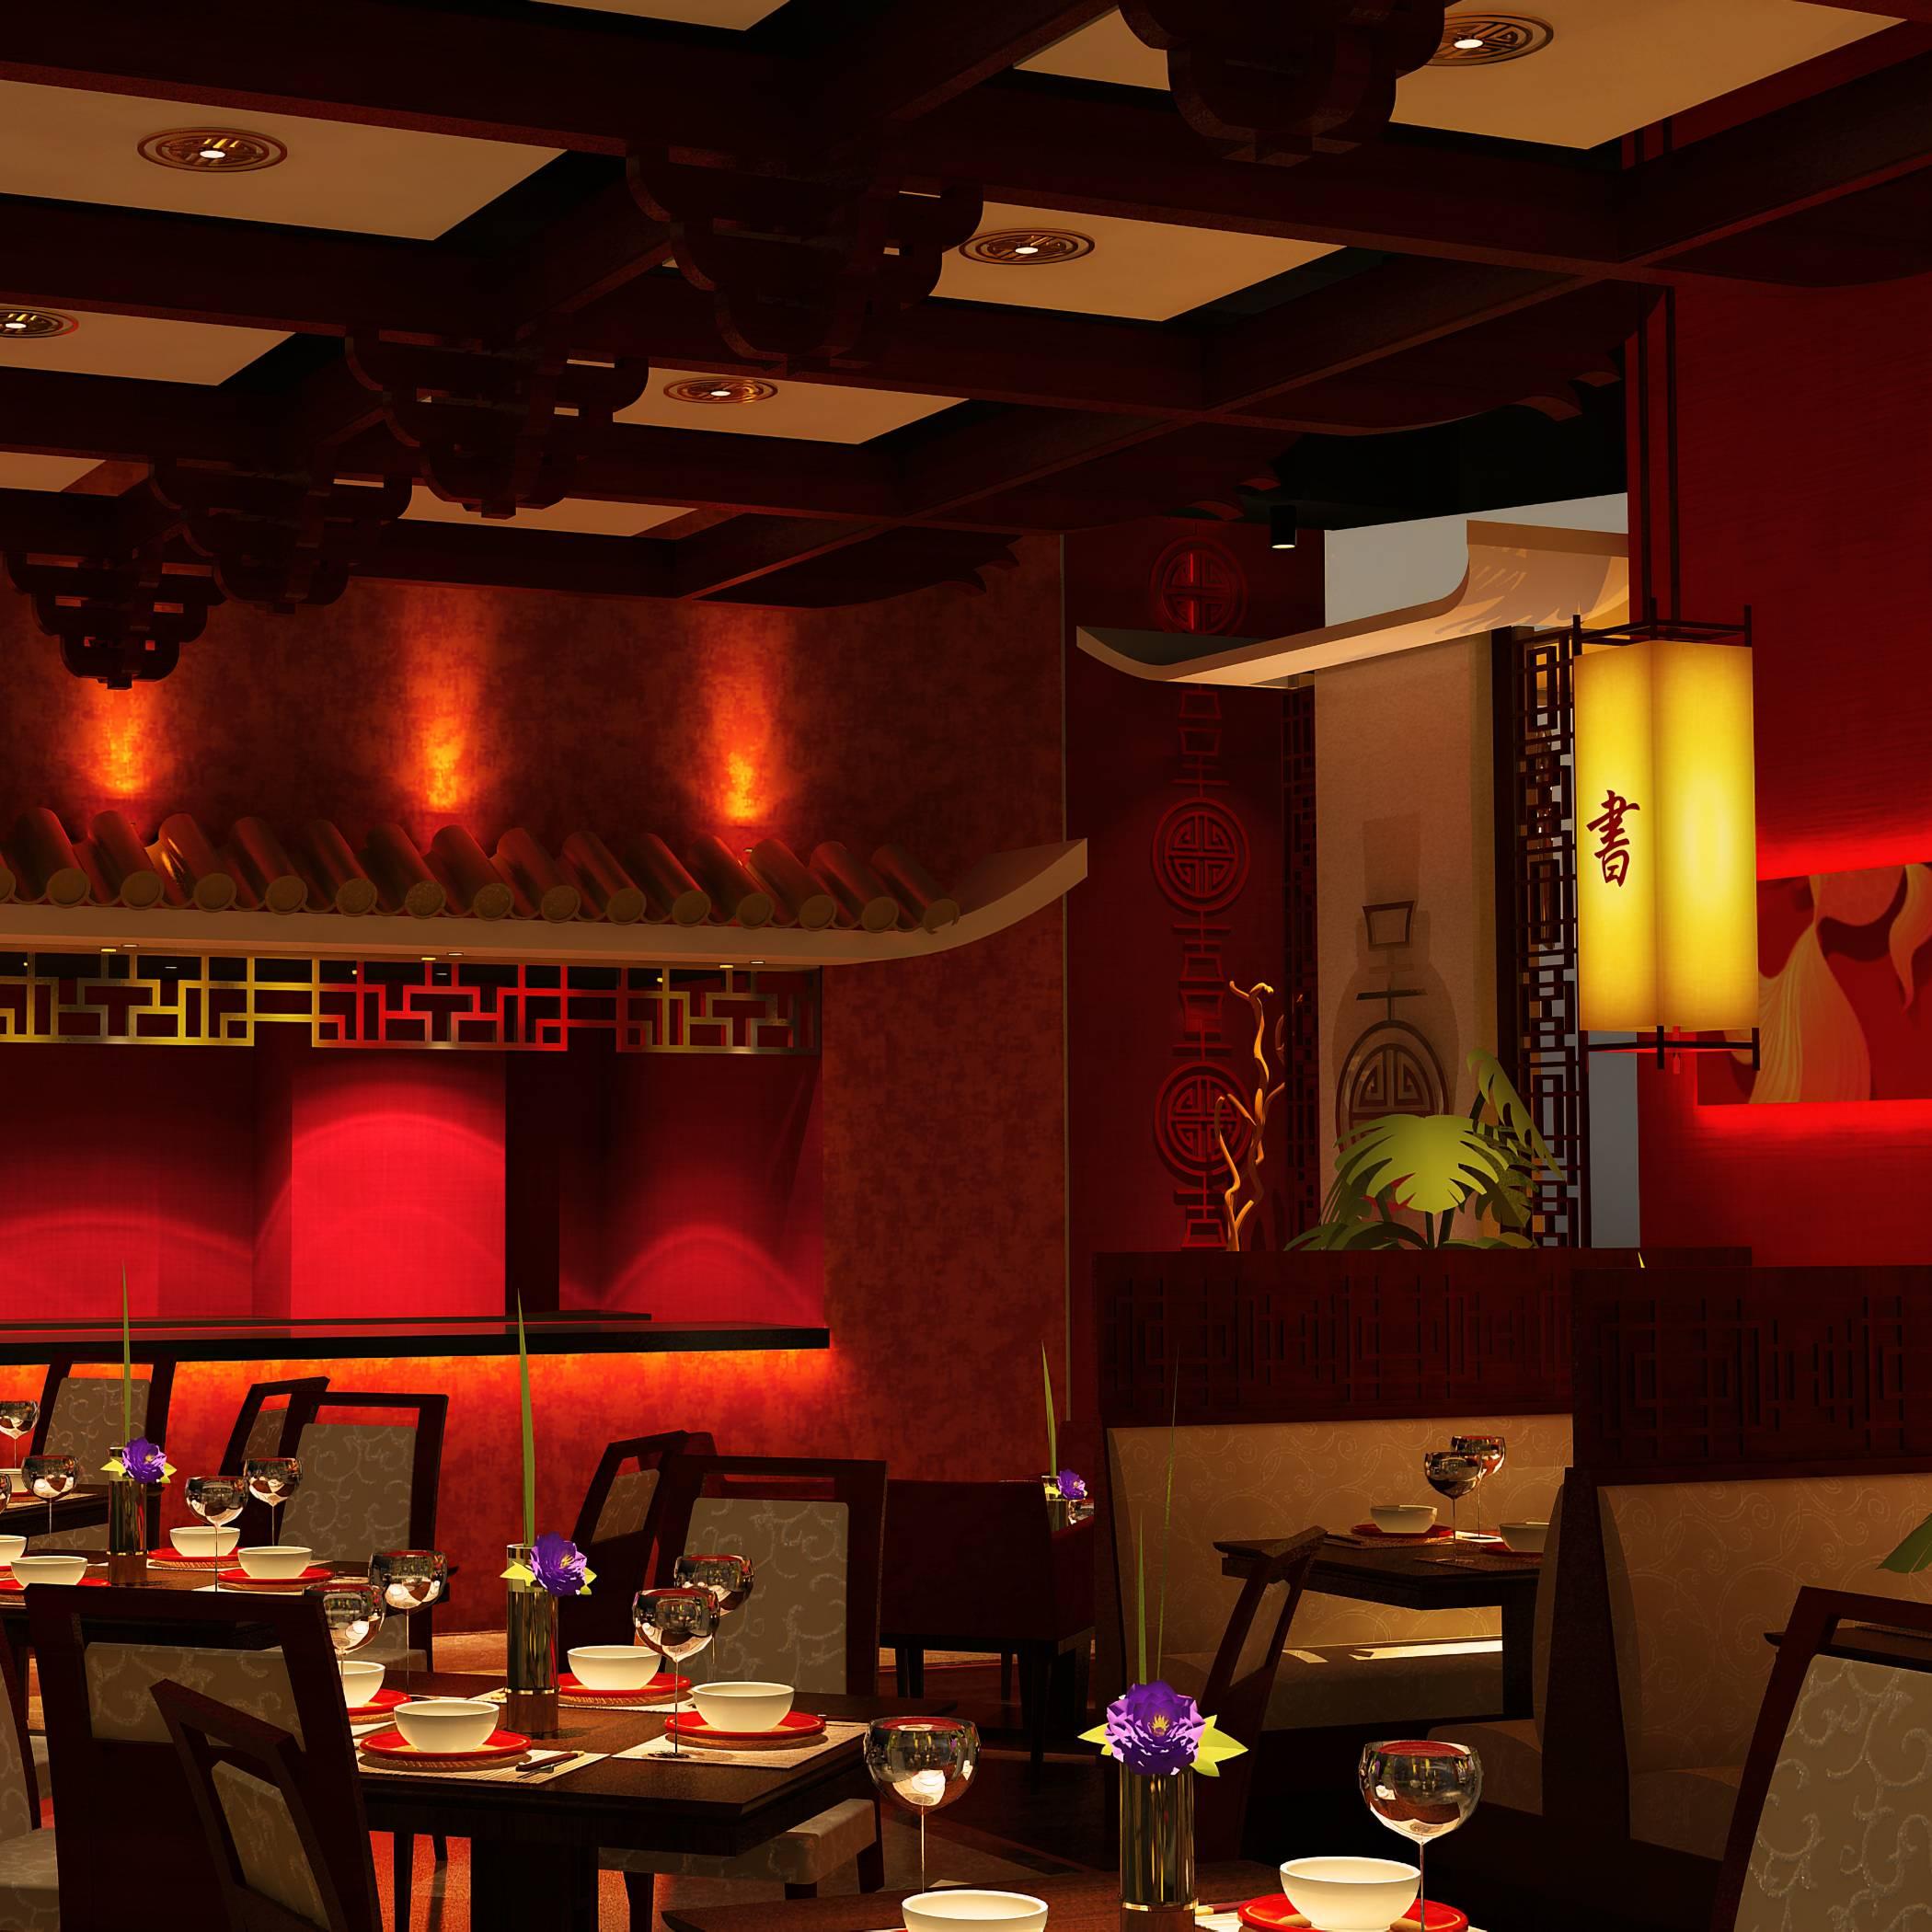 Asia Seven restaurant live kitchen